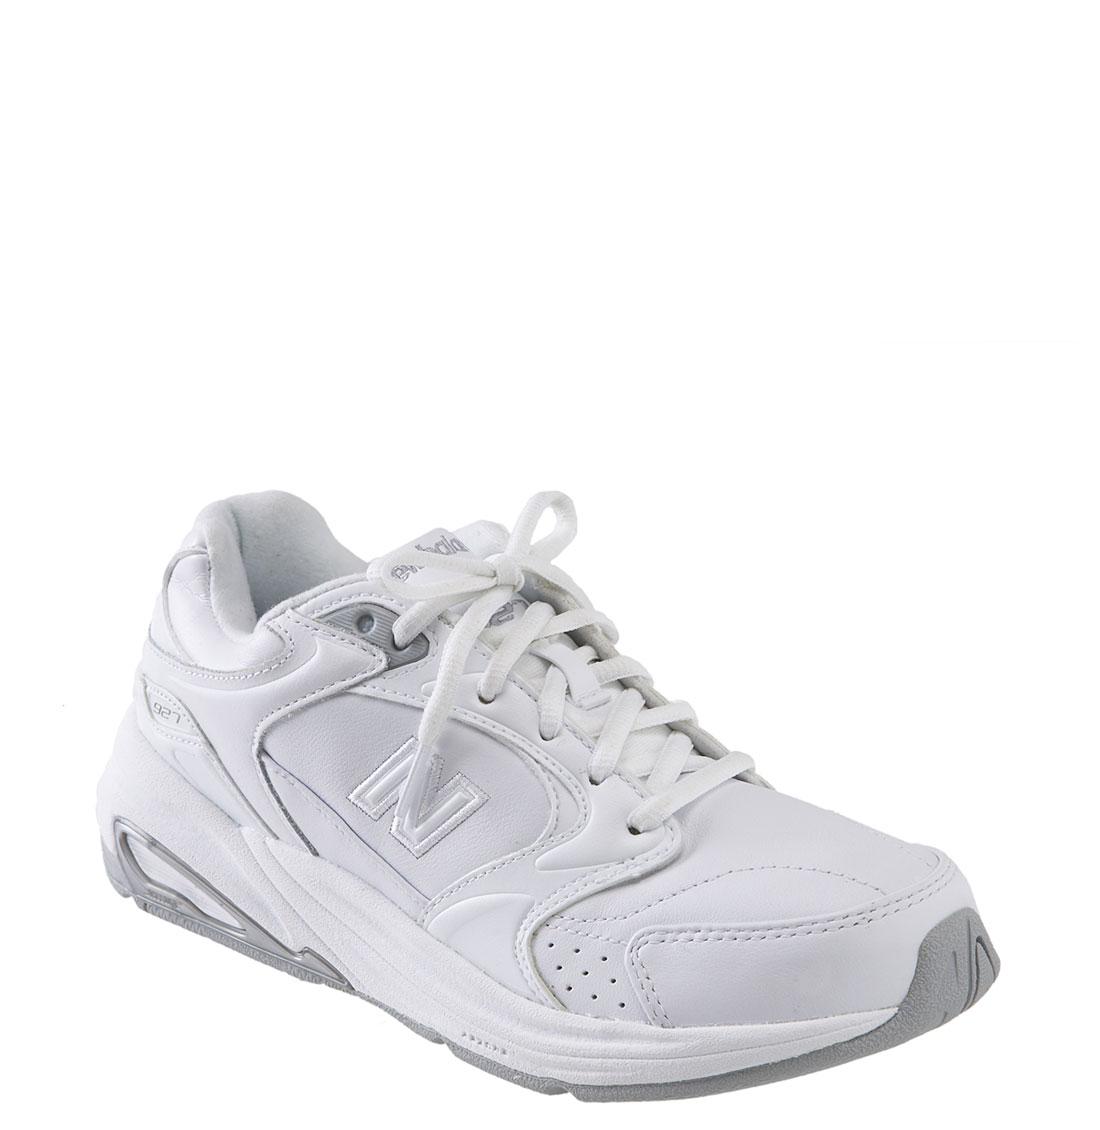 new balance 927 mens walking shoes